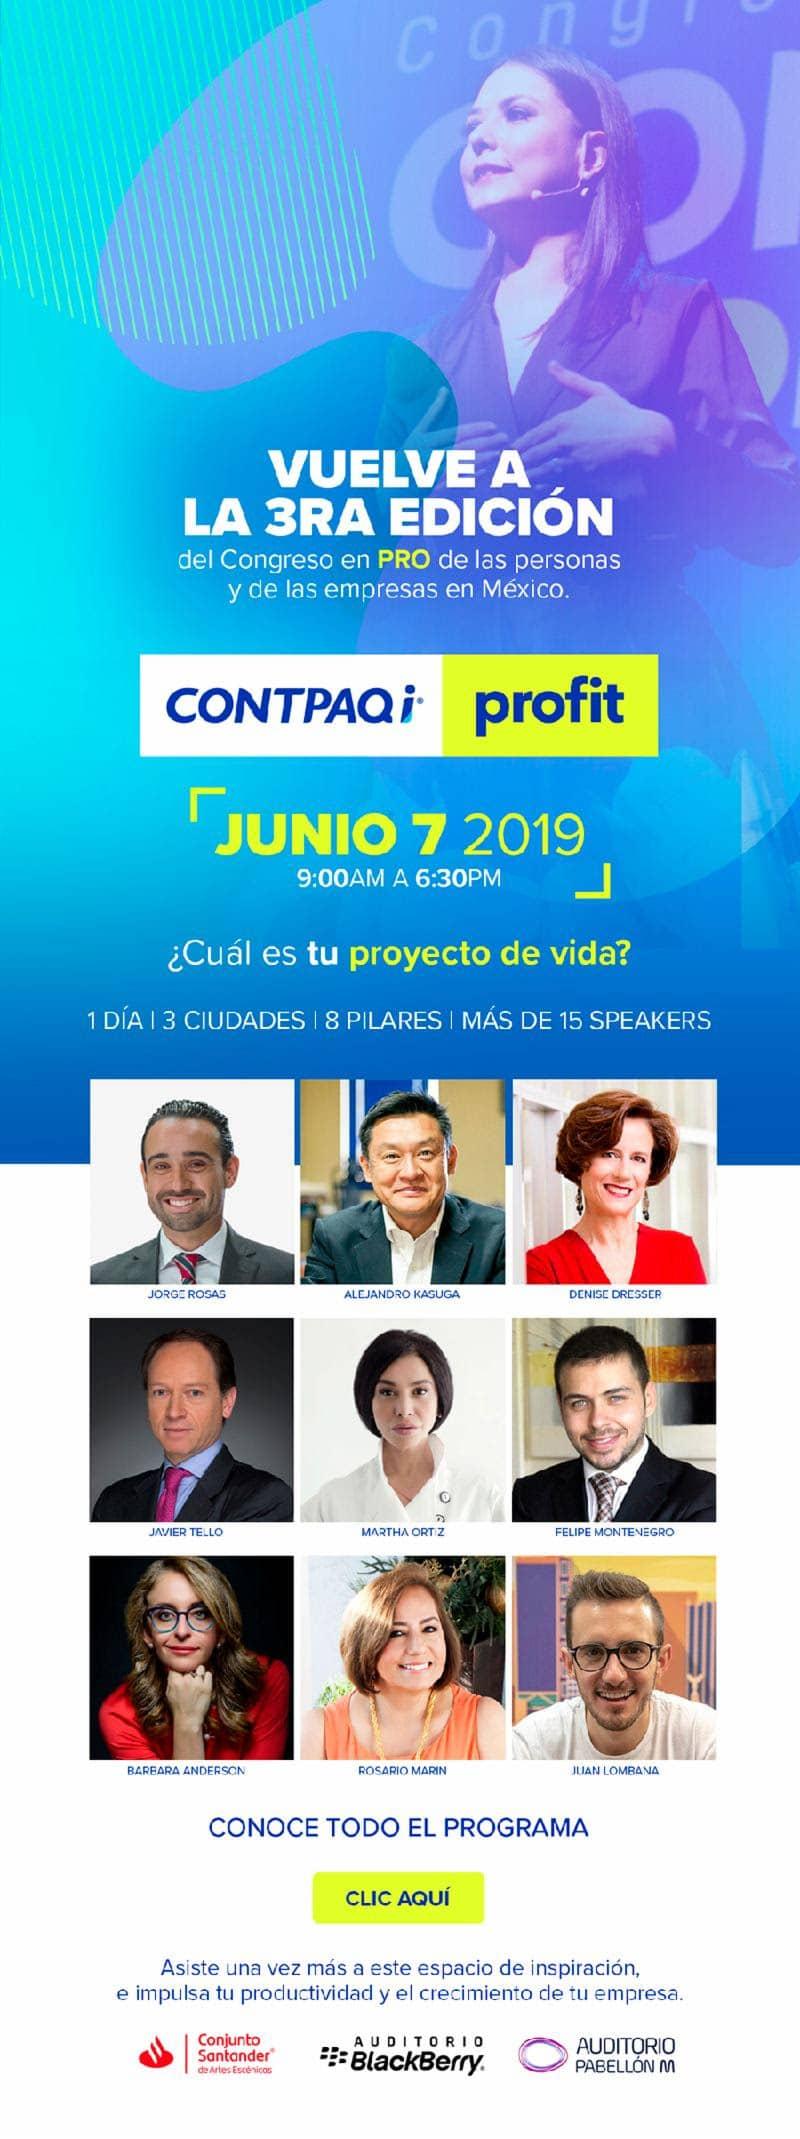 contpaqi-profit-2019